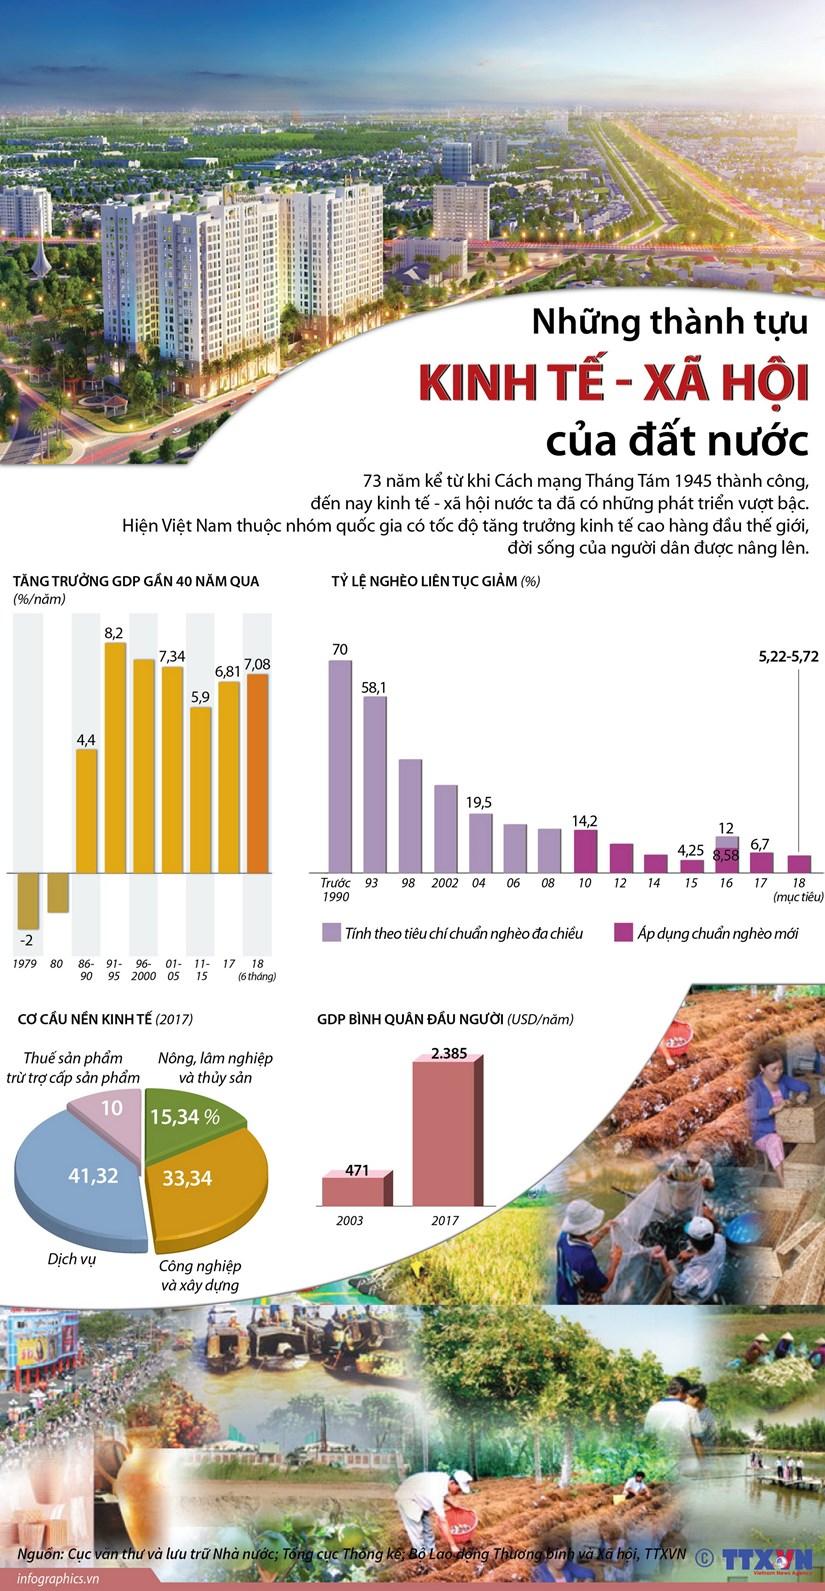 [Infographics] Nhung thanh tuu kinh te-xa hoi cua dat nuoc hinh anh 1